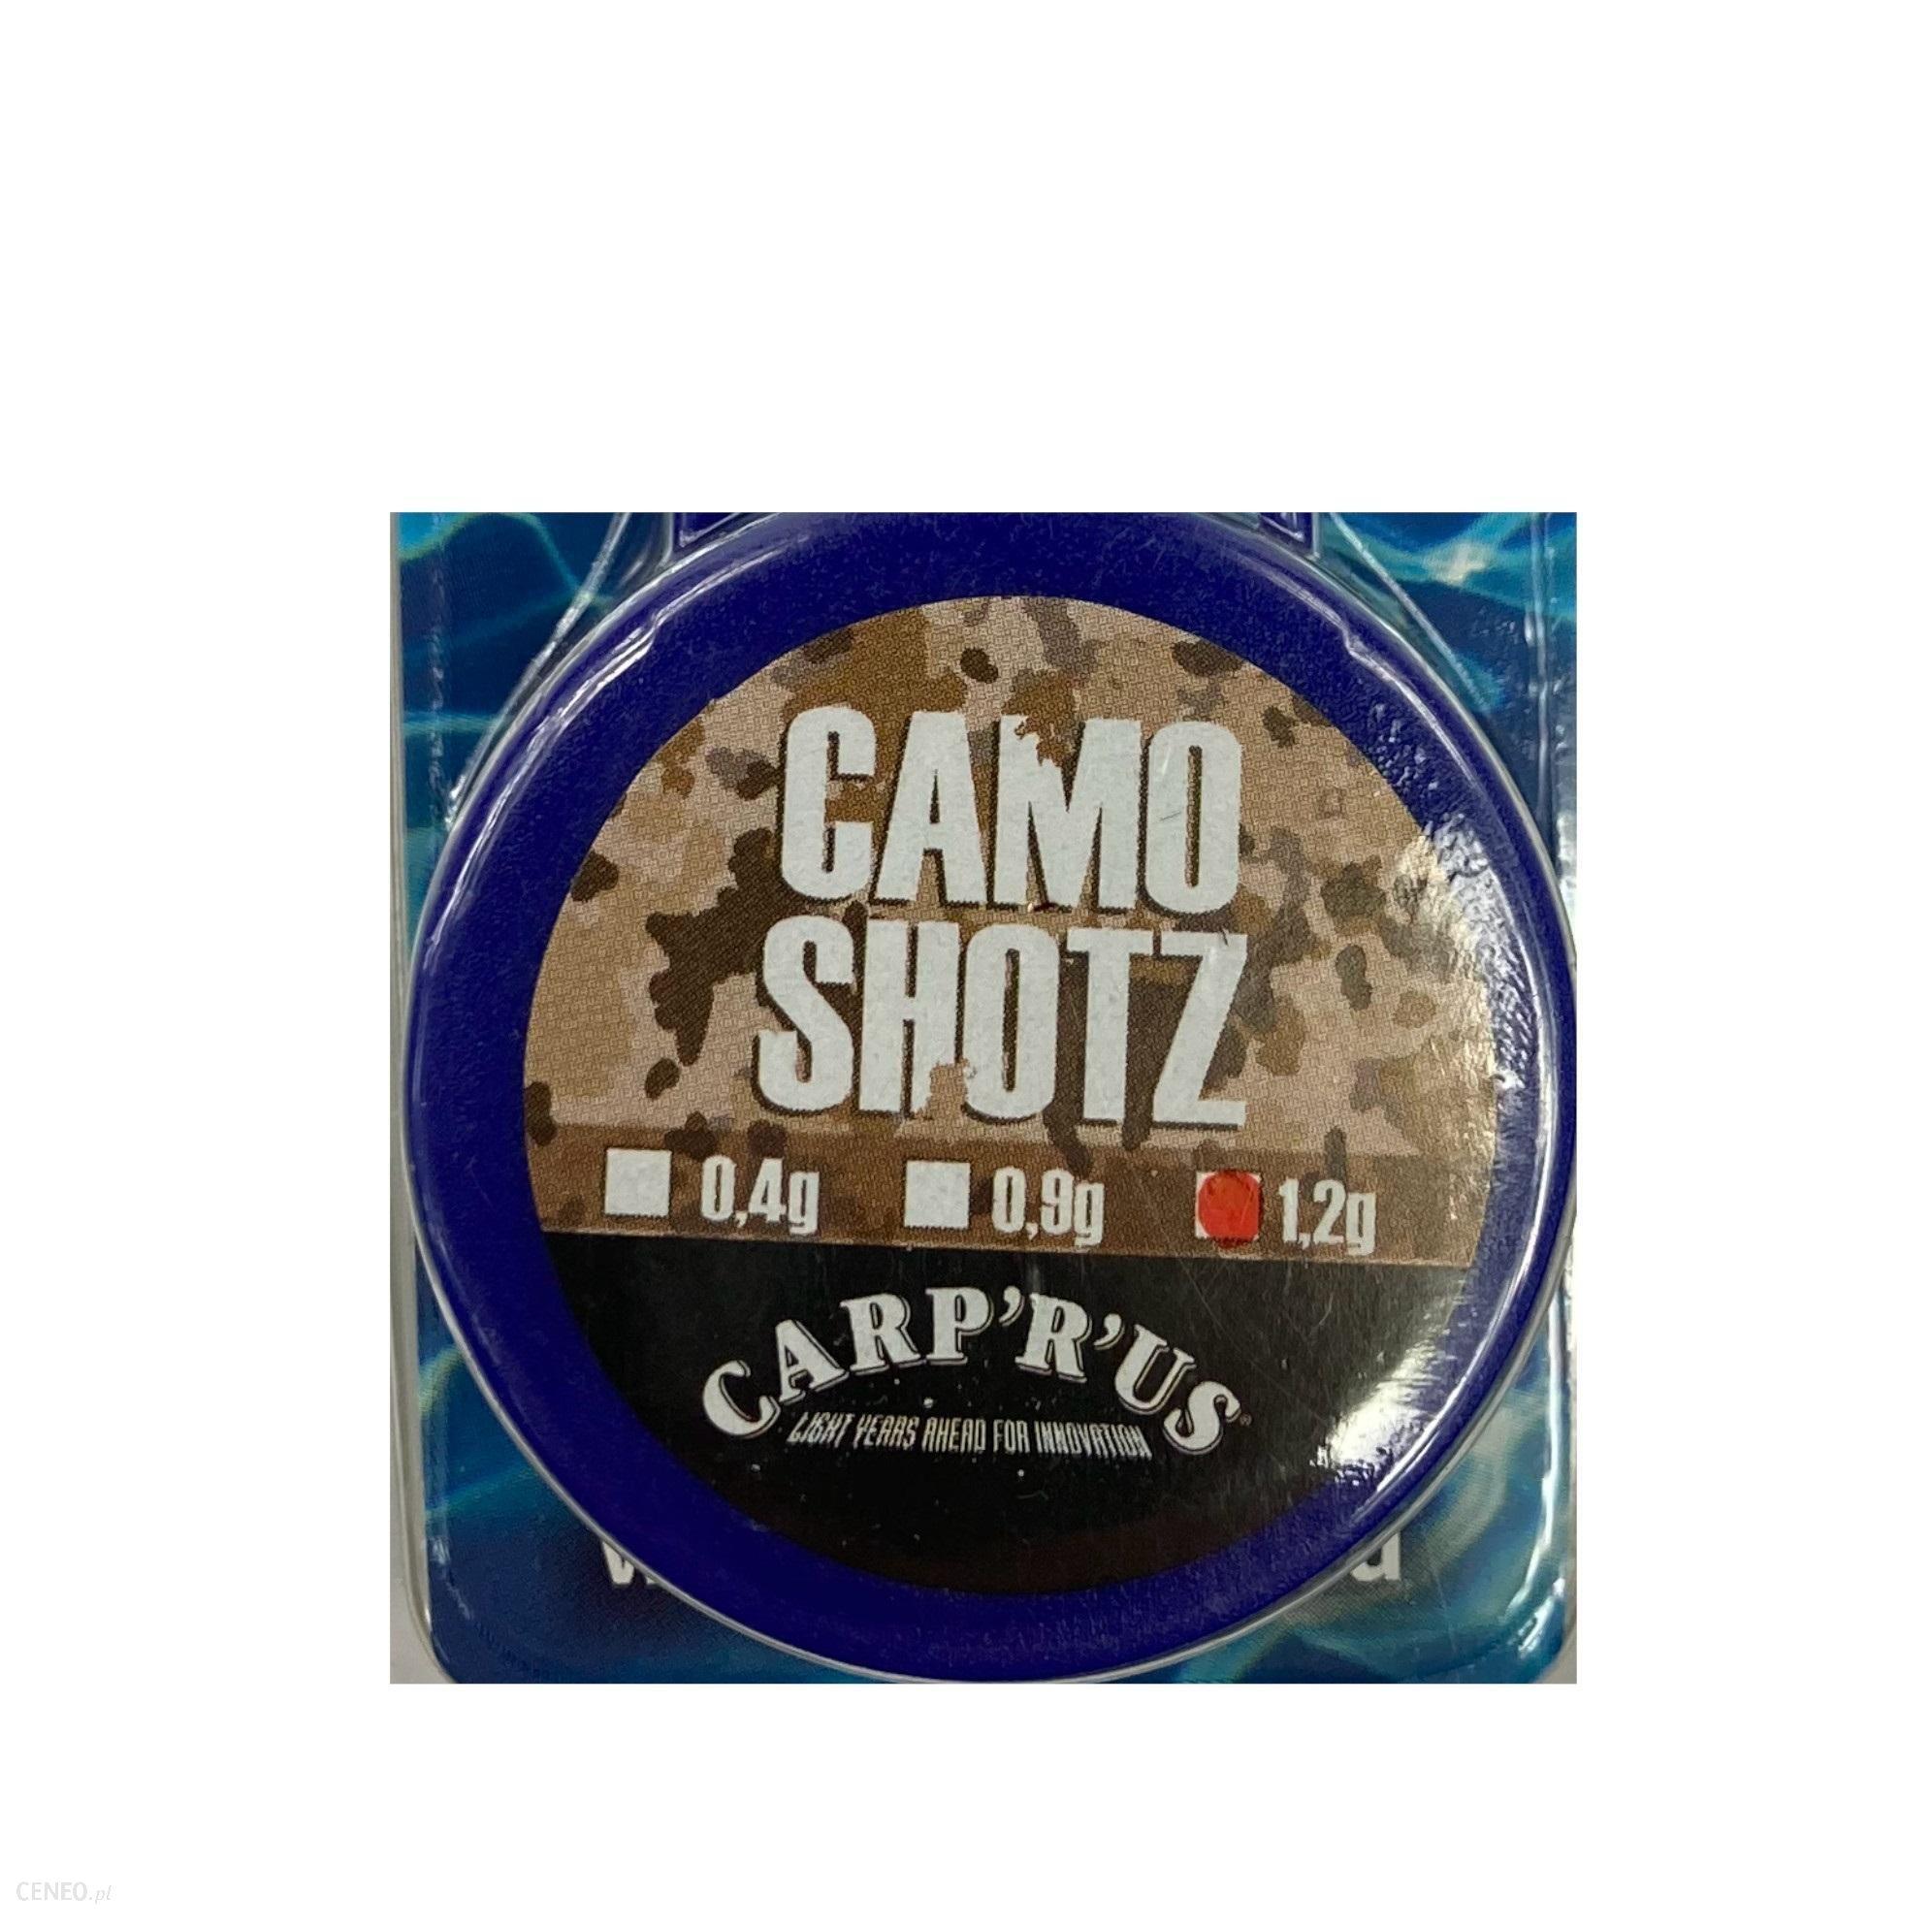 Carp'R'Us Dociążenia Przyponu Camo Shotz 1.2G Brązowe